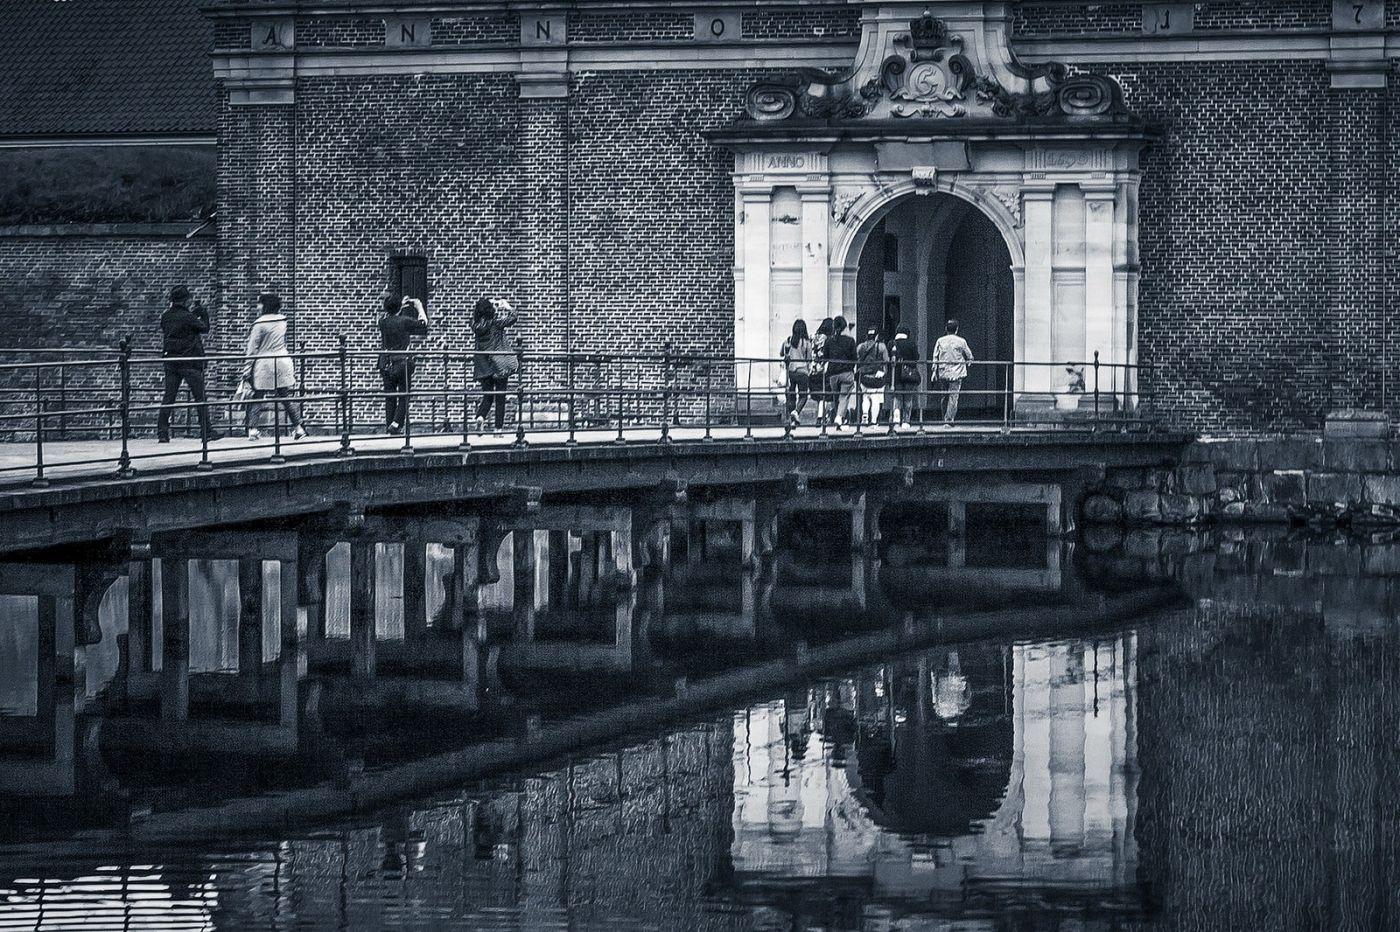 丹麦腓特烈堡城堡,回看历史_图1-6